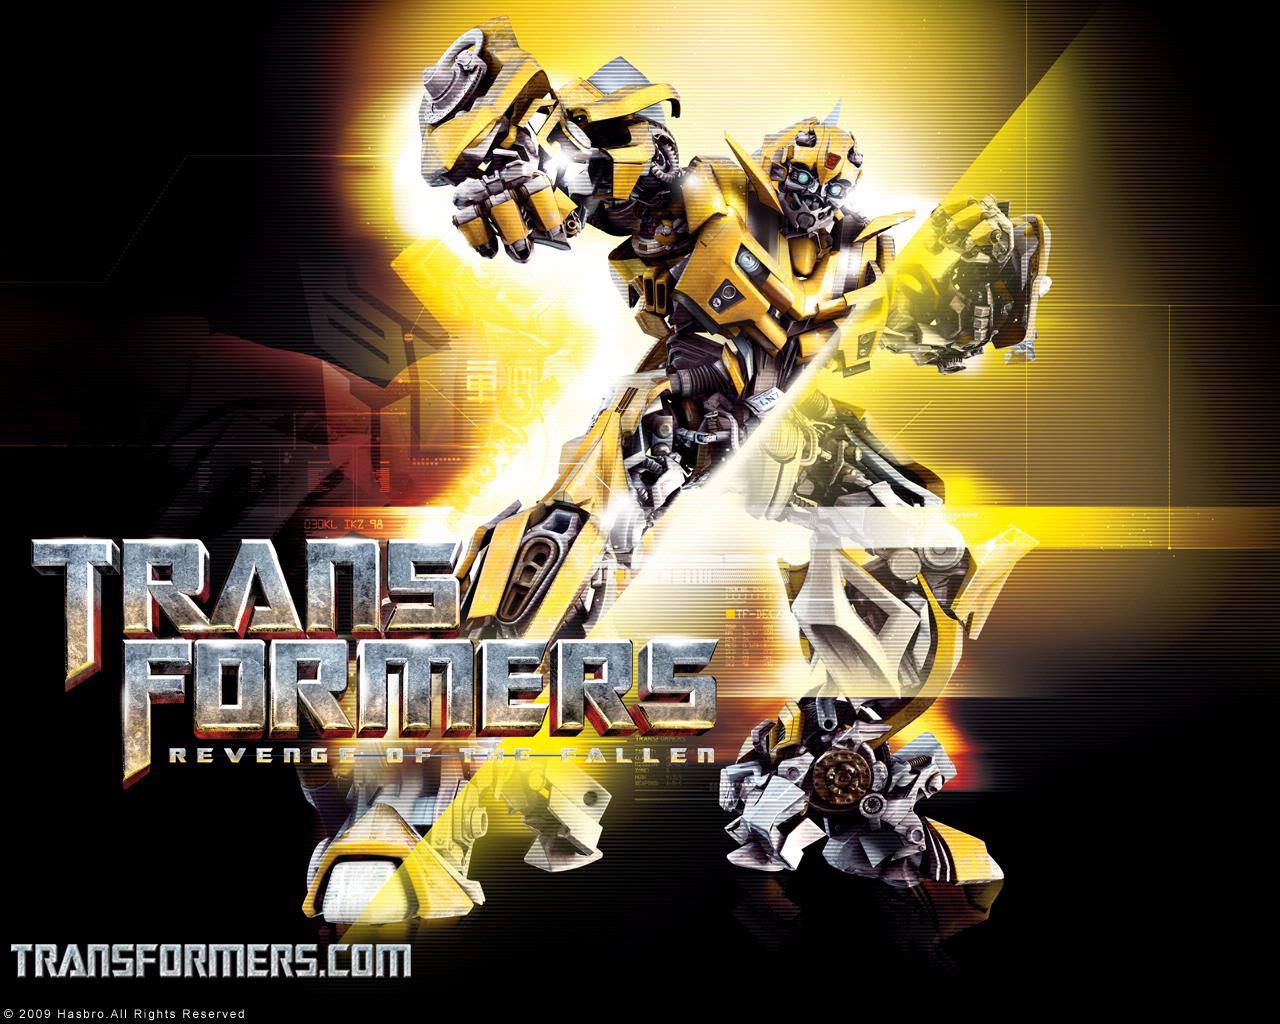 transformers wallpaper bumblebee - wallpapersafari